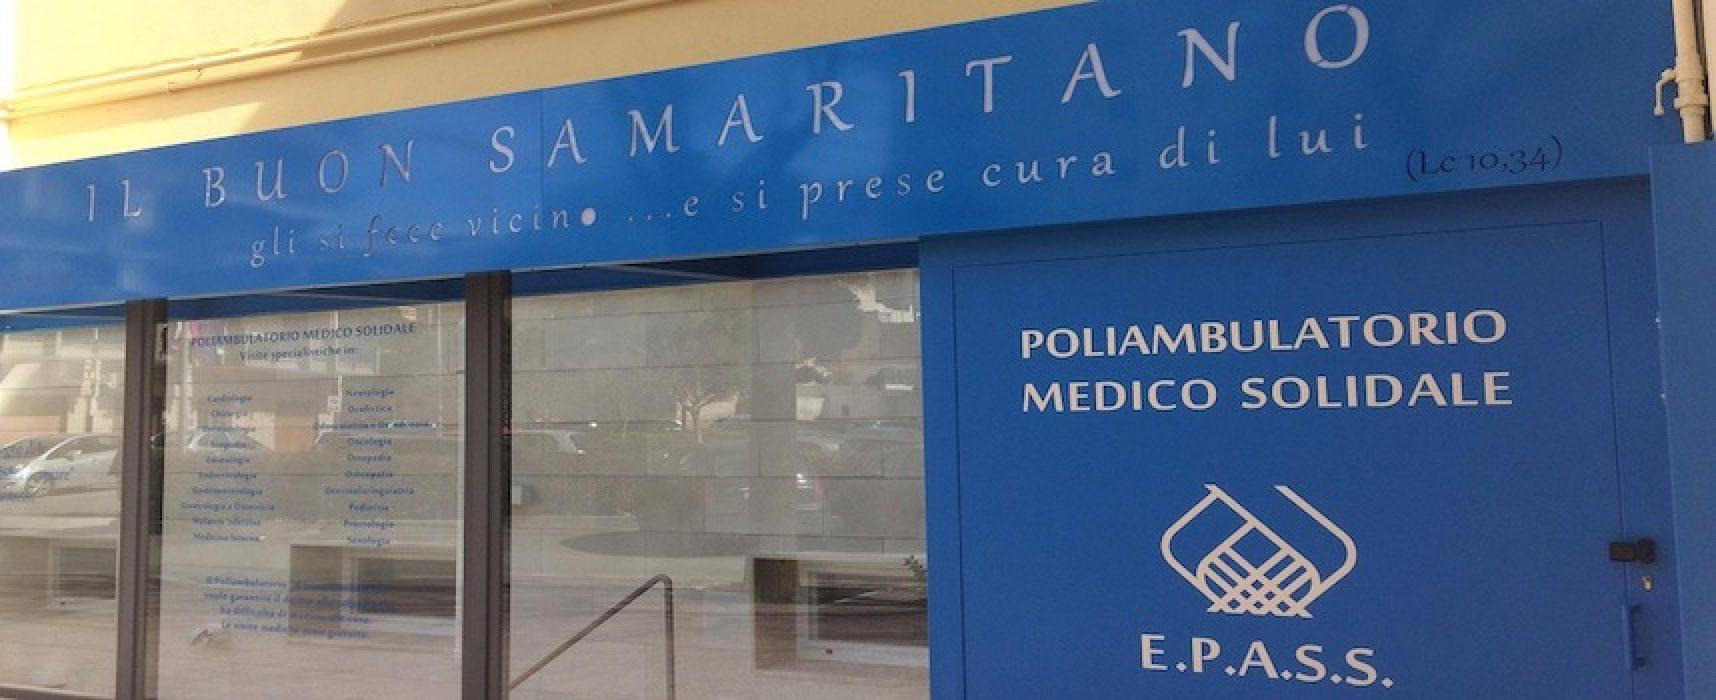 Poliambulatorio il buon Samaritano, effettuate ottocento visite specialistiche gratuite